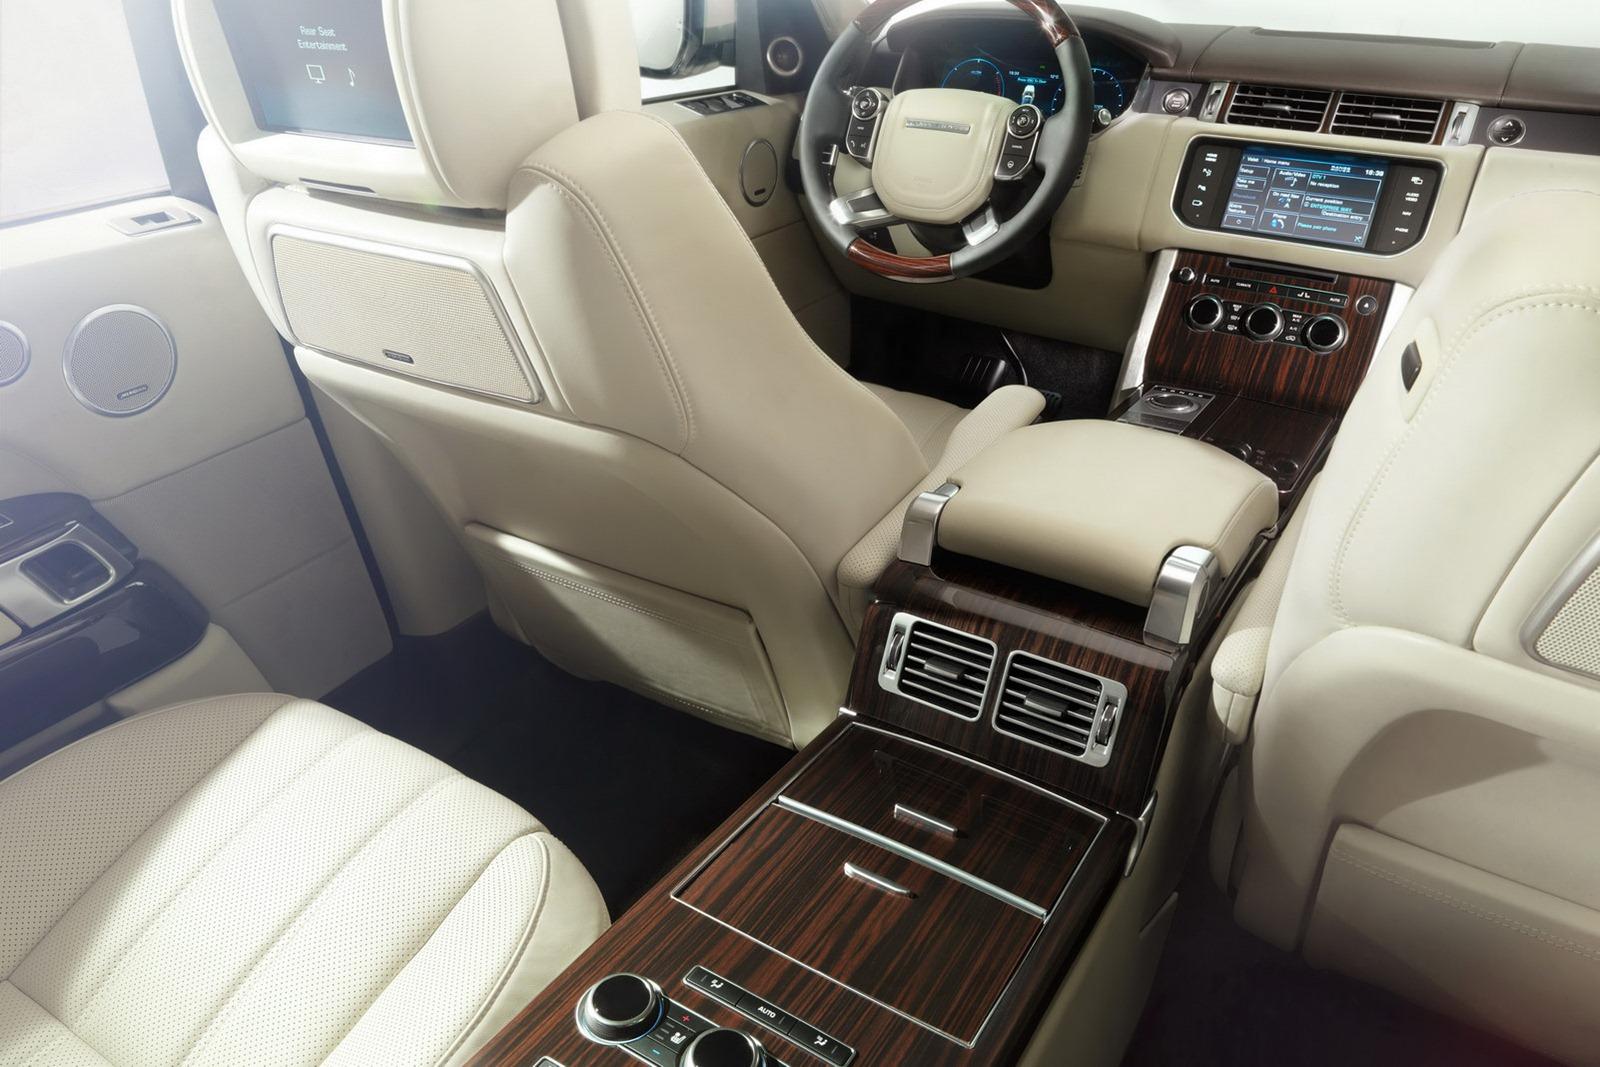 2013 Range Rover 11 2